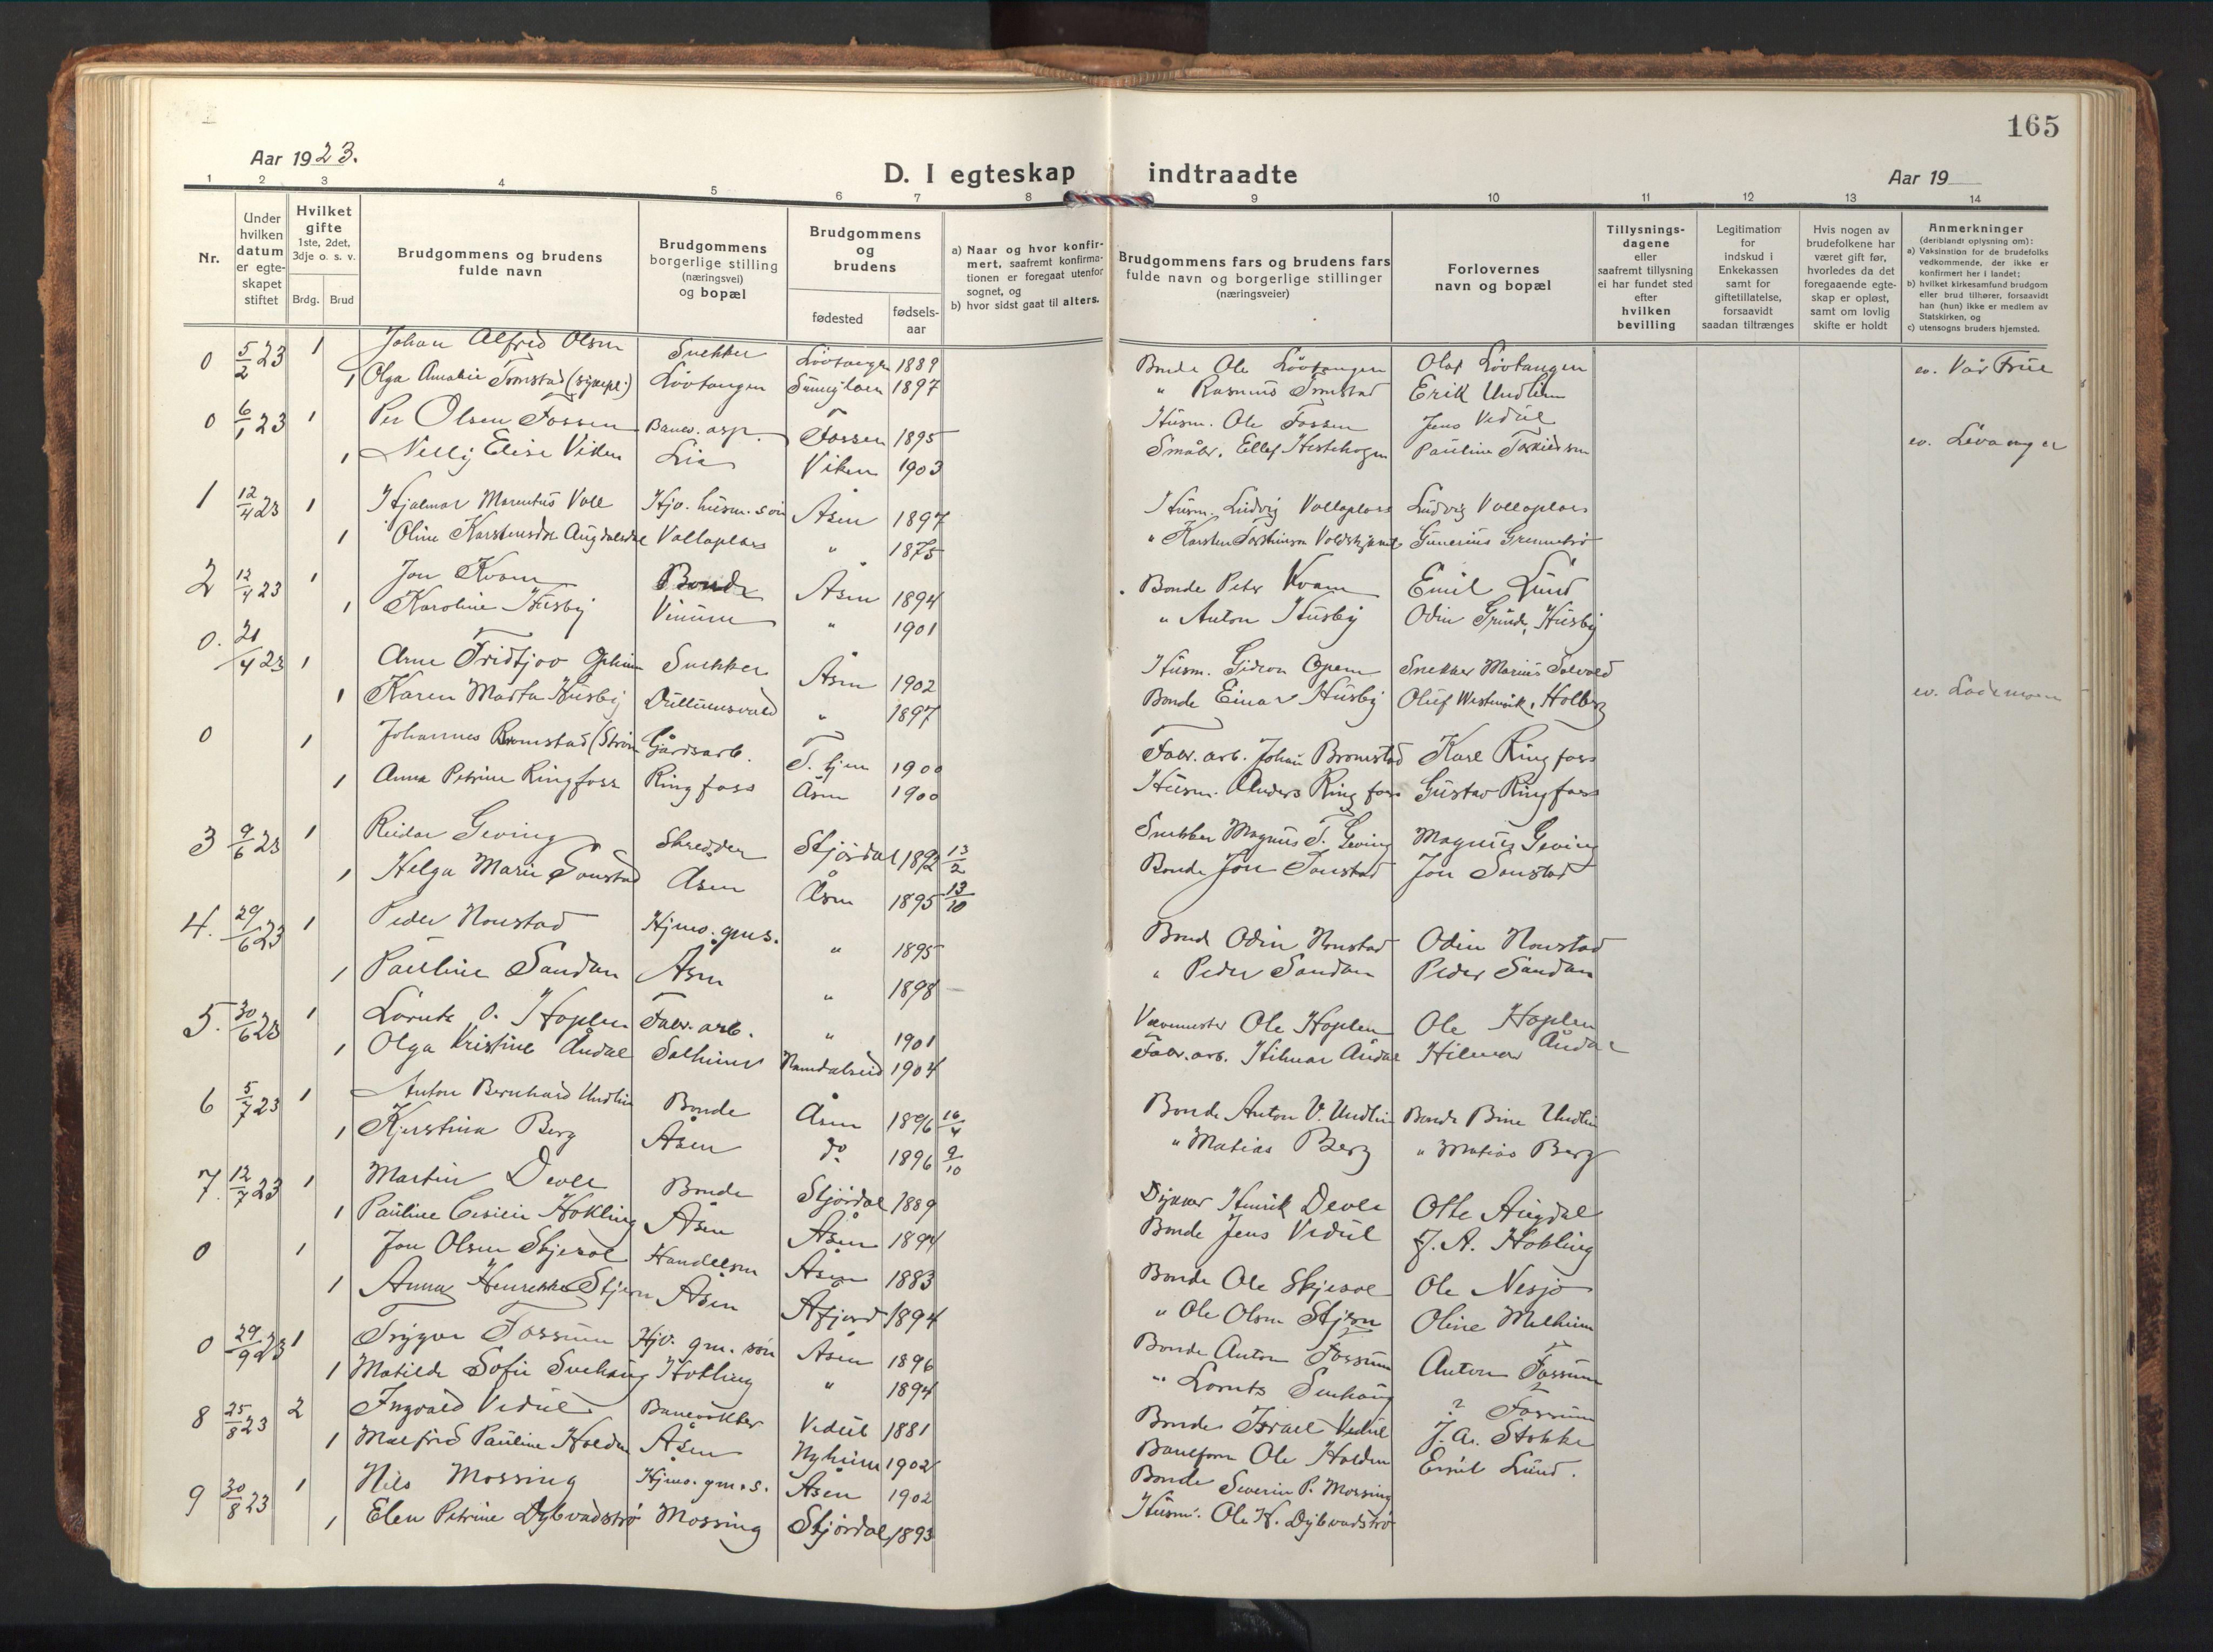 SAT, Ministerialprotokoller, klokkerbøker og fødselsregistre - Nord-Trøndelag, 714/L0136: Klokkerbok nr. 714C05, 1918-1957, s. 165